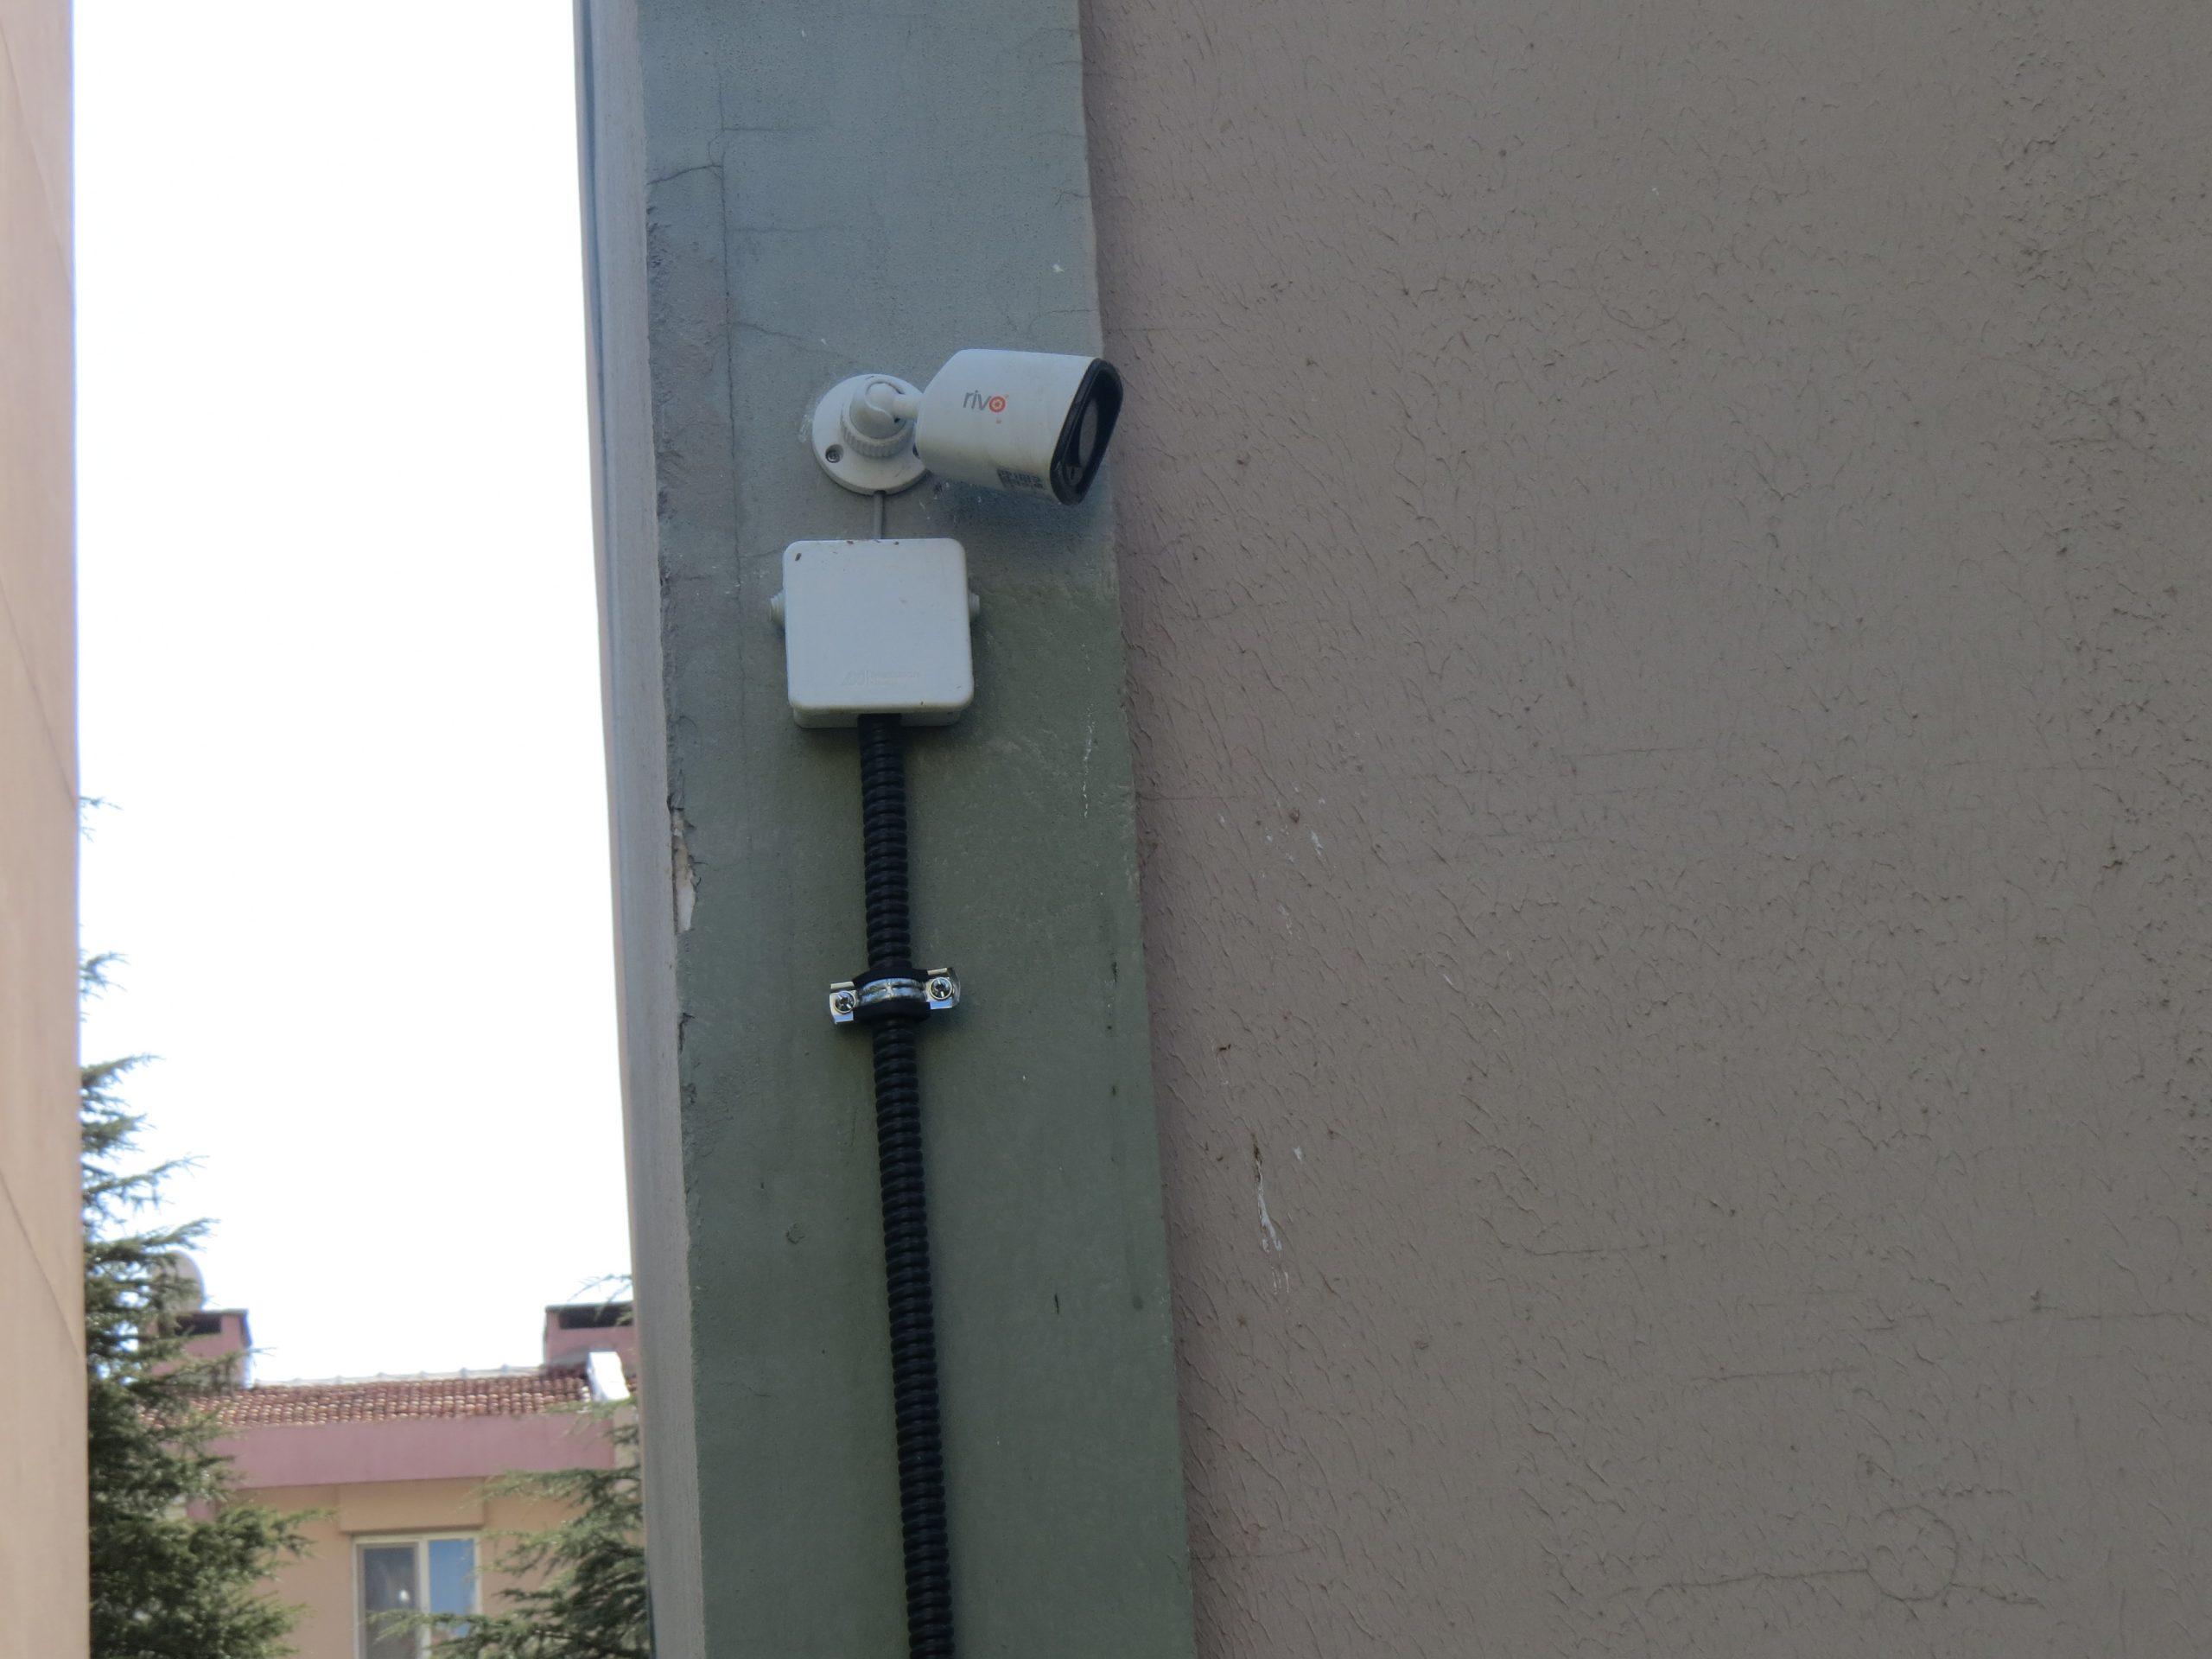 Bina Çevresi Güvenlik Kamerası IMG 5097 scaled